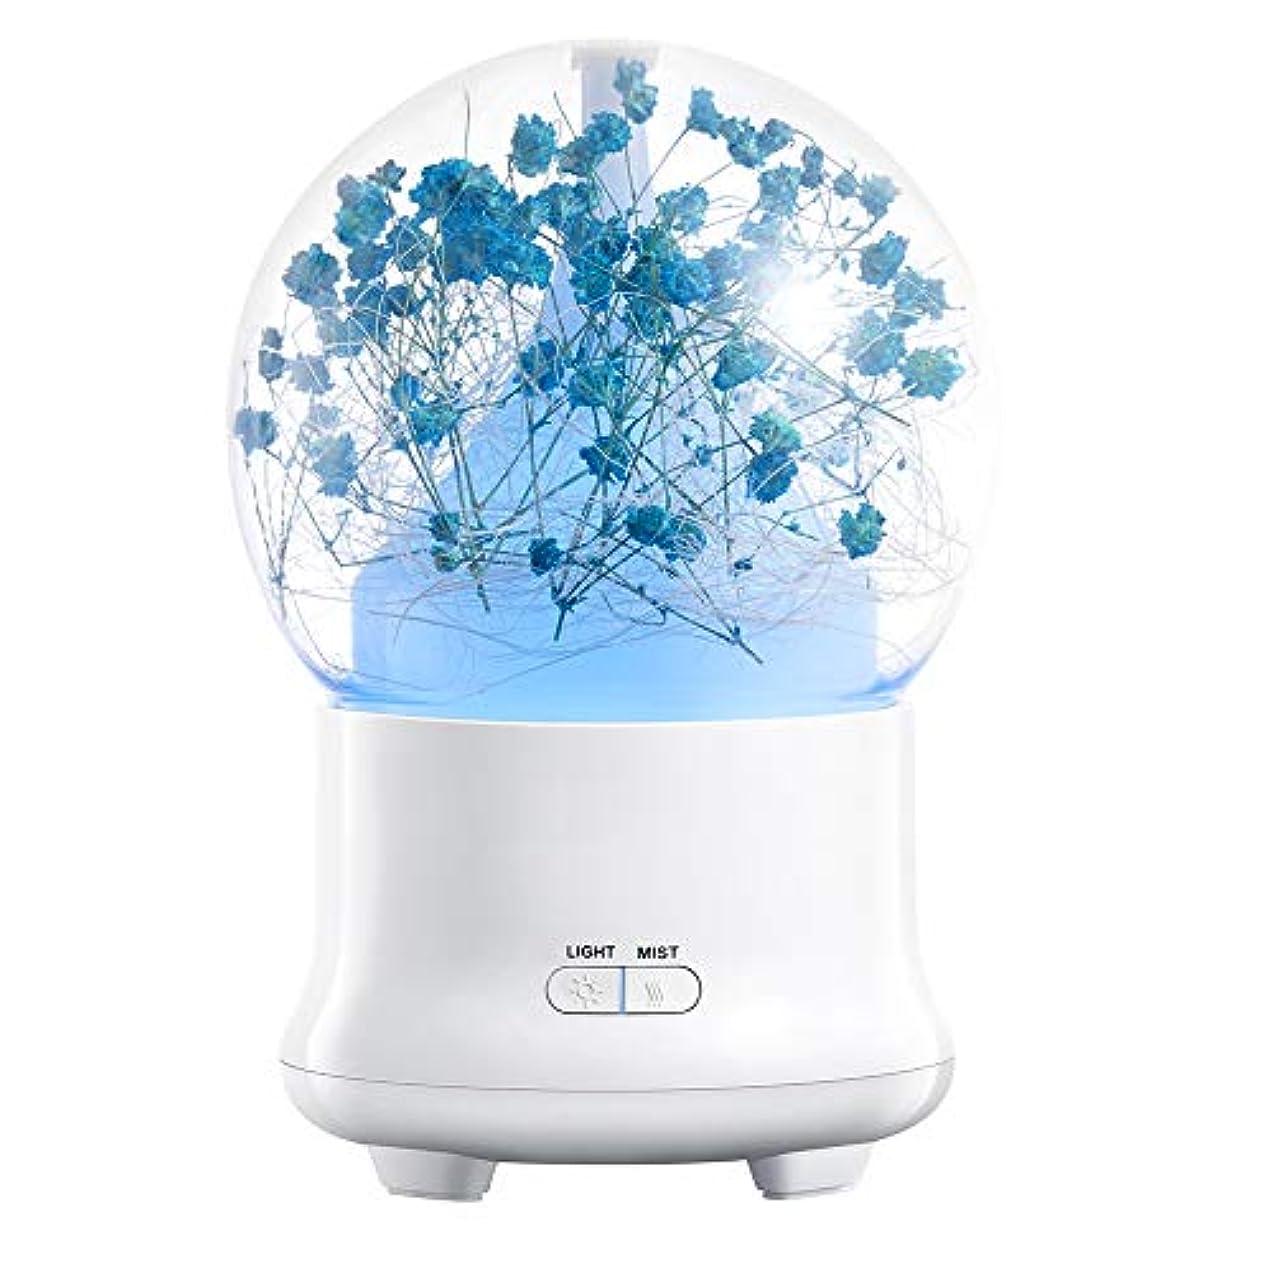 添加一目やりすぎクリエイティブアロマテラピーマシン、超音波アロマテラピー香り高いオイル気化器加湿器、オートオフセーフティスイッチ7 ledライトカラー,3